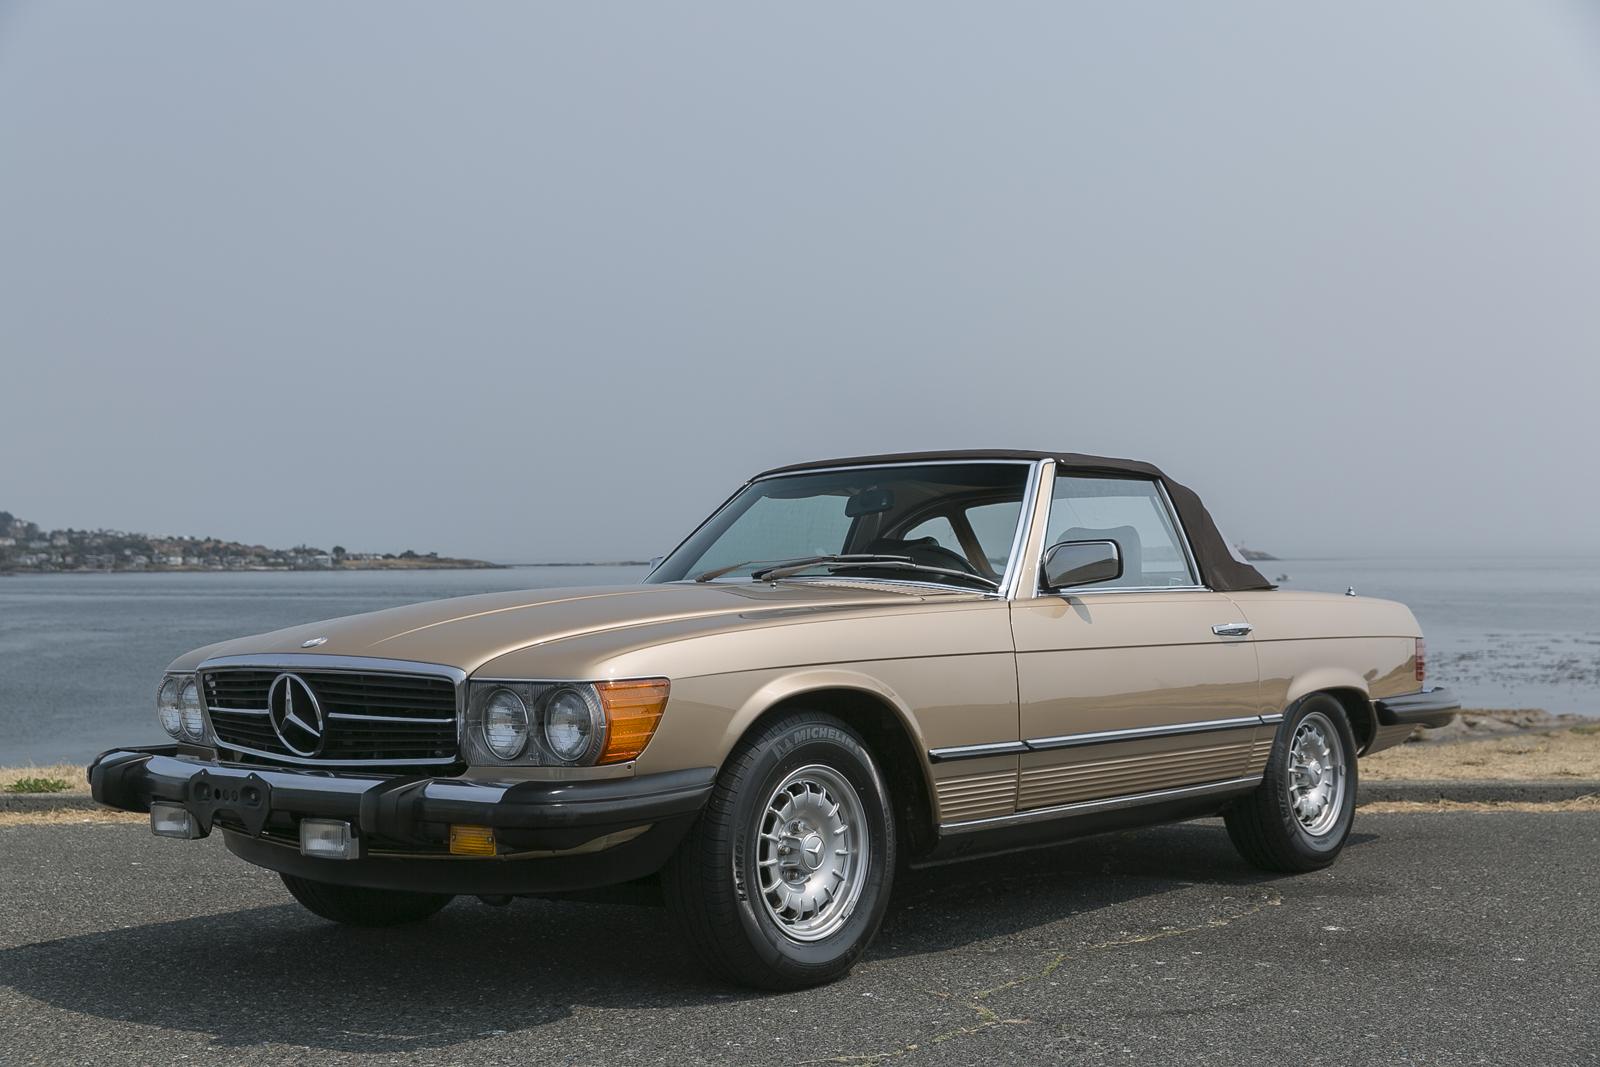 1982 mercedes benz 380sl silver arrow cars ltd for Mercedes benz 380sl